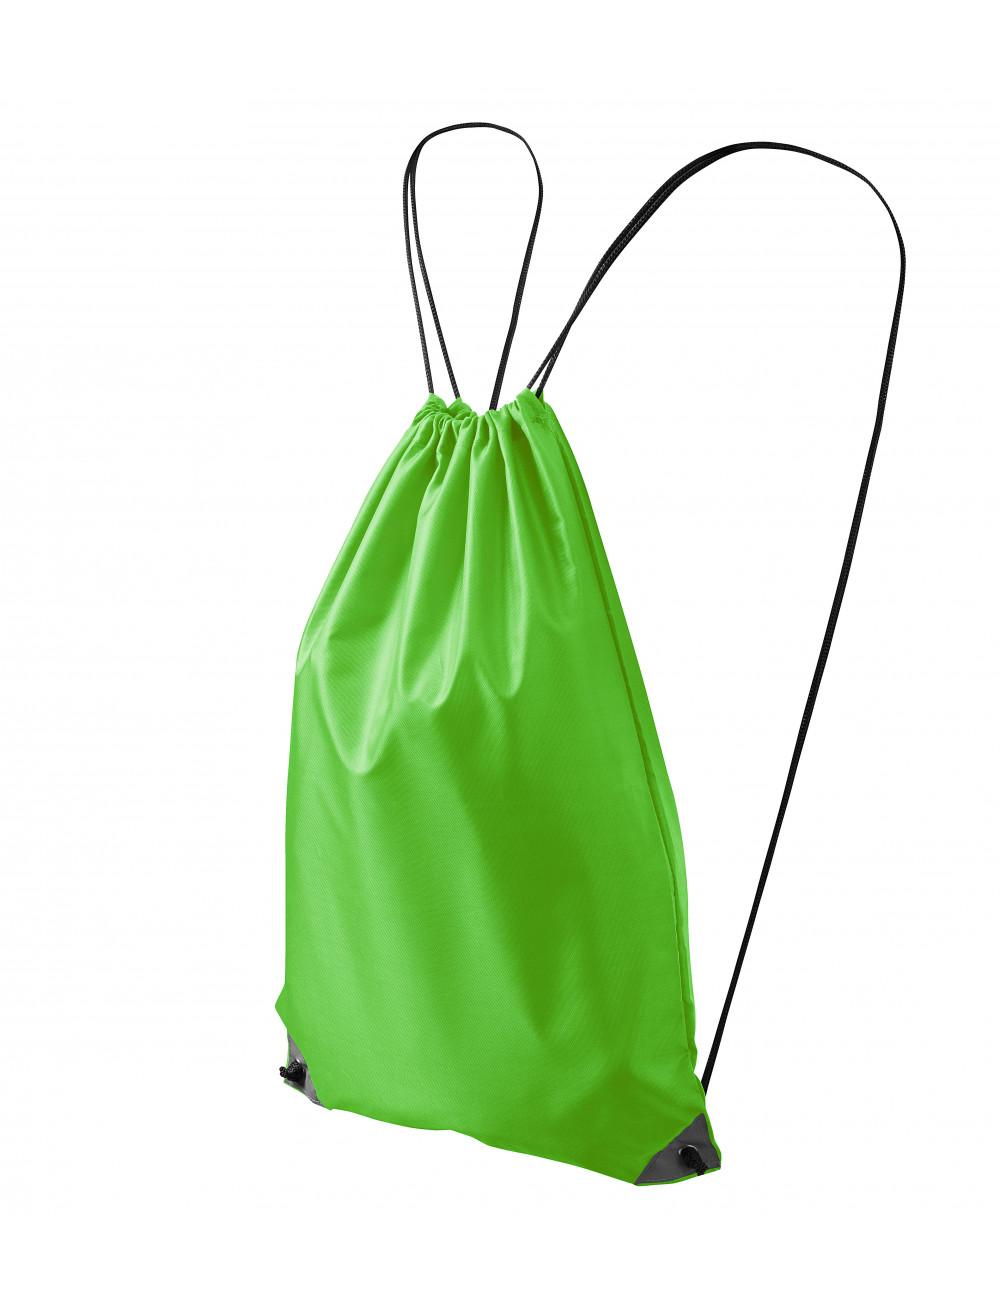 Adler MALFINI Gymsack Unisex/Kids Energy 912 green apple